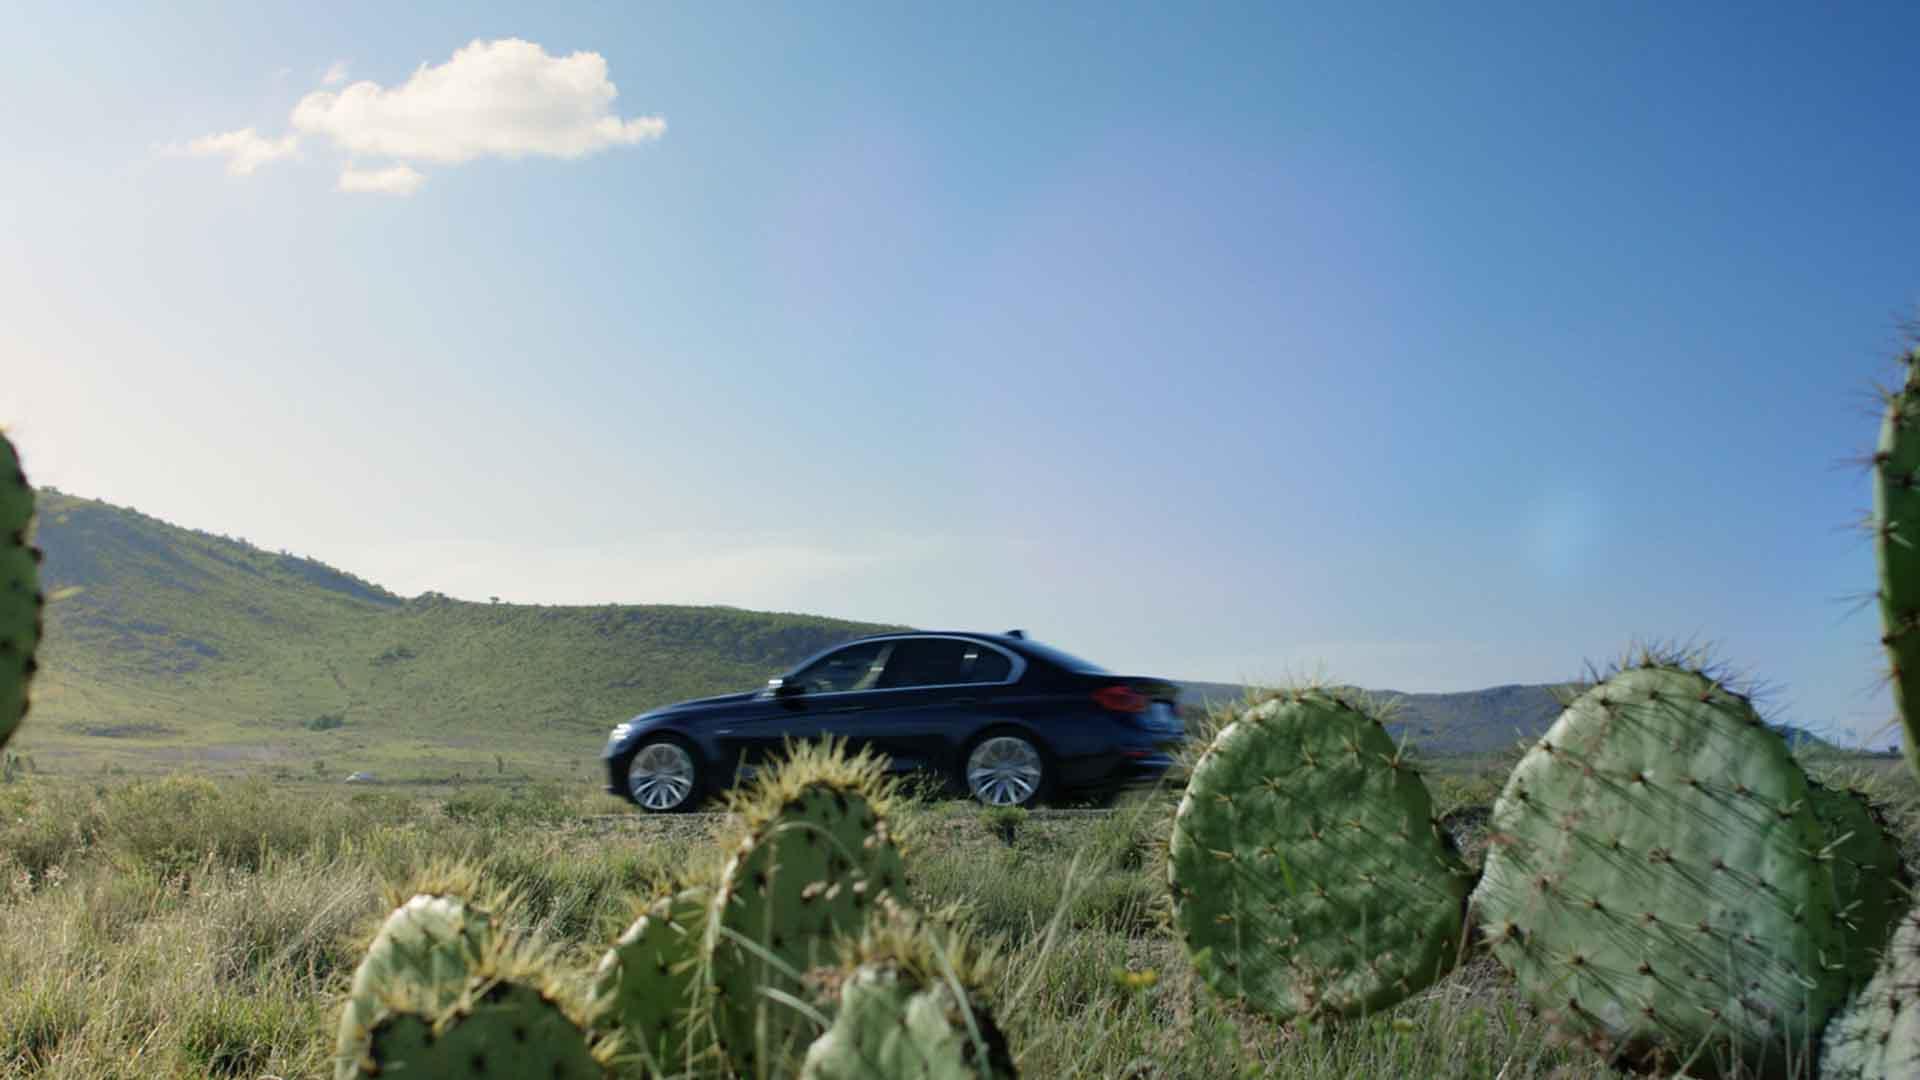 Das Bild zeigt die Wüste. Durch sie fährt ein schwarzes Auto. Vor dem Auto sind Kakteen erkennbar. Das Bild dient als Sliderbild für den Portfolioeintrag BMW Plant San Luis Potosí Mexico von Panda Pictures.